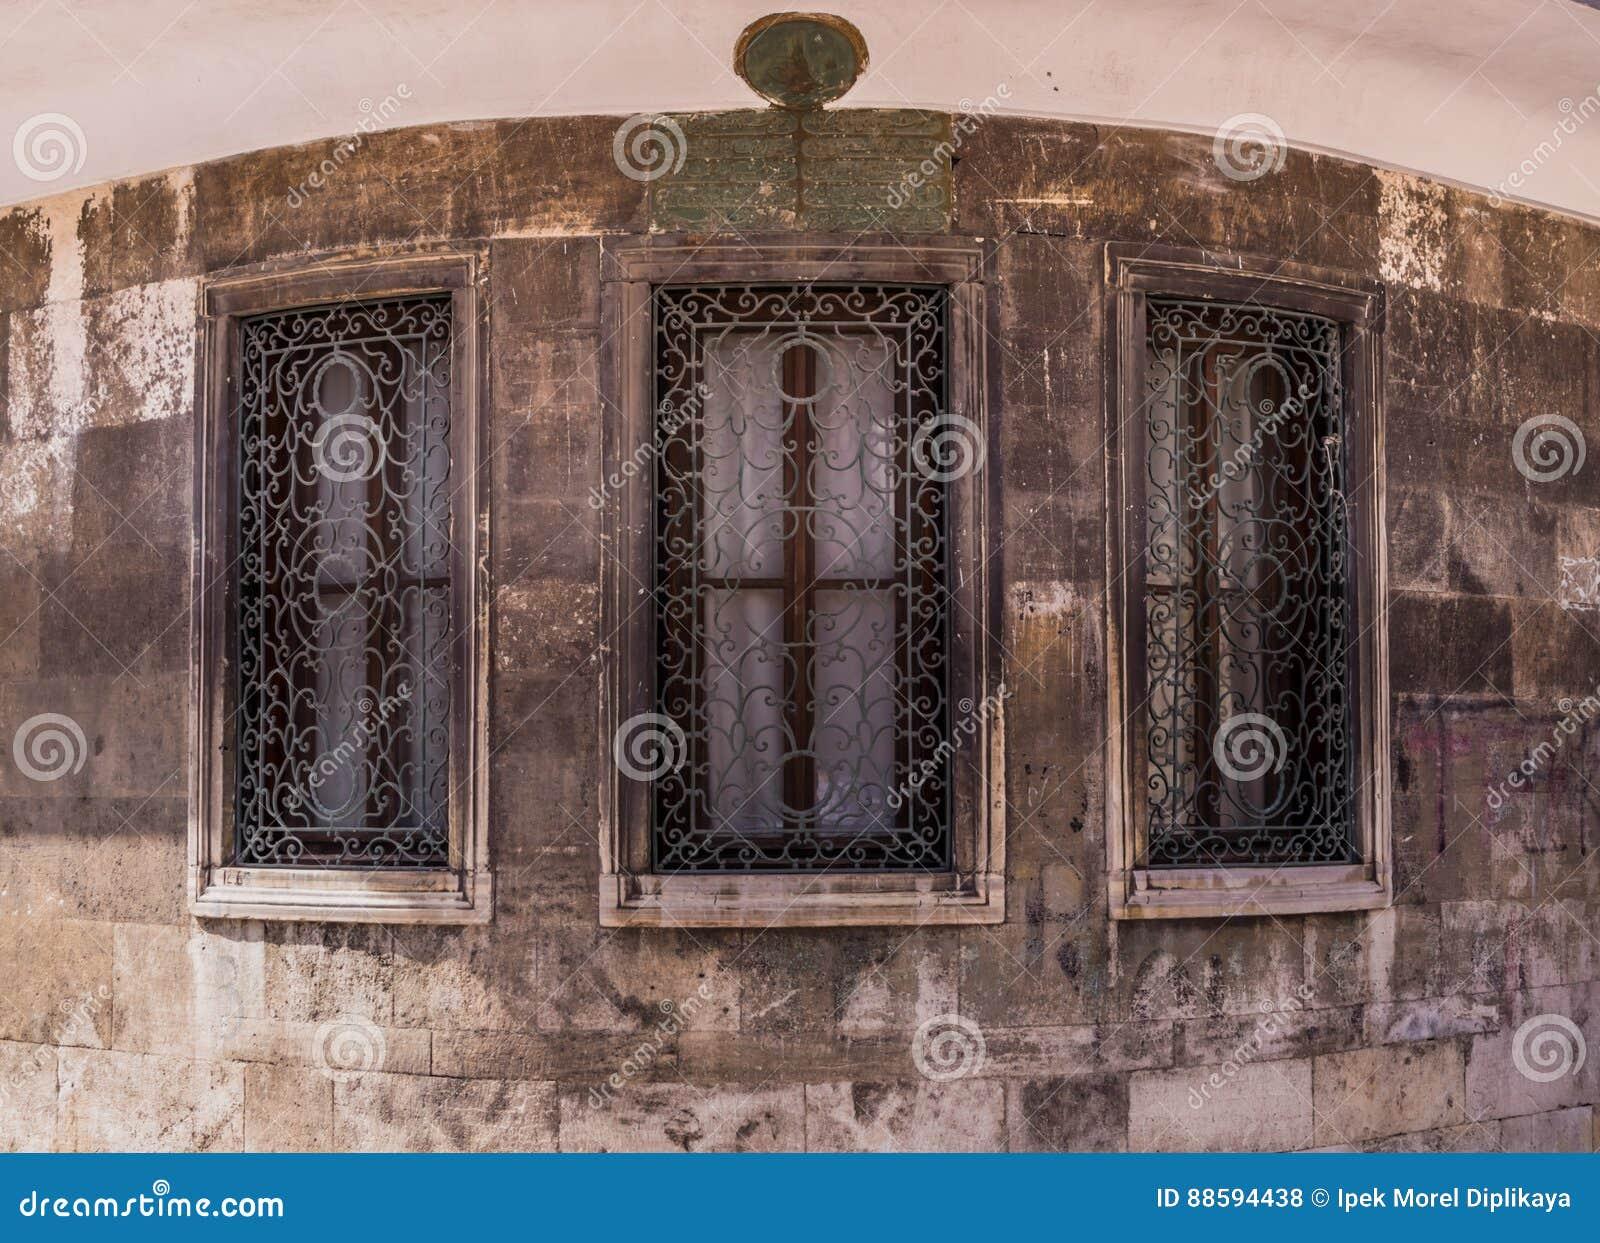 Drie vensters met gesierd metaalrooster op een steengebouw